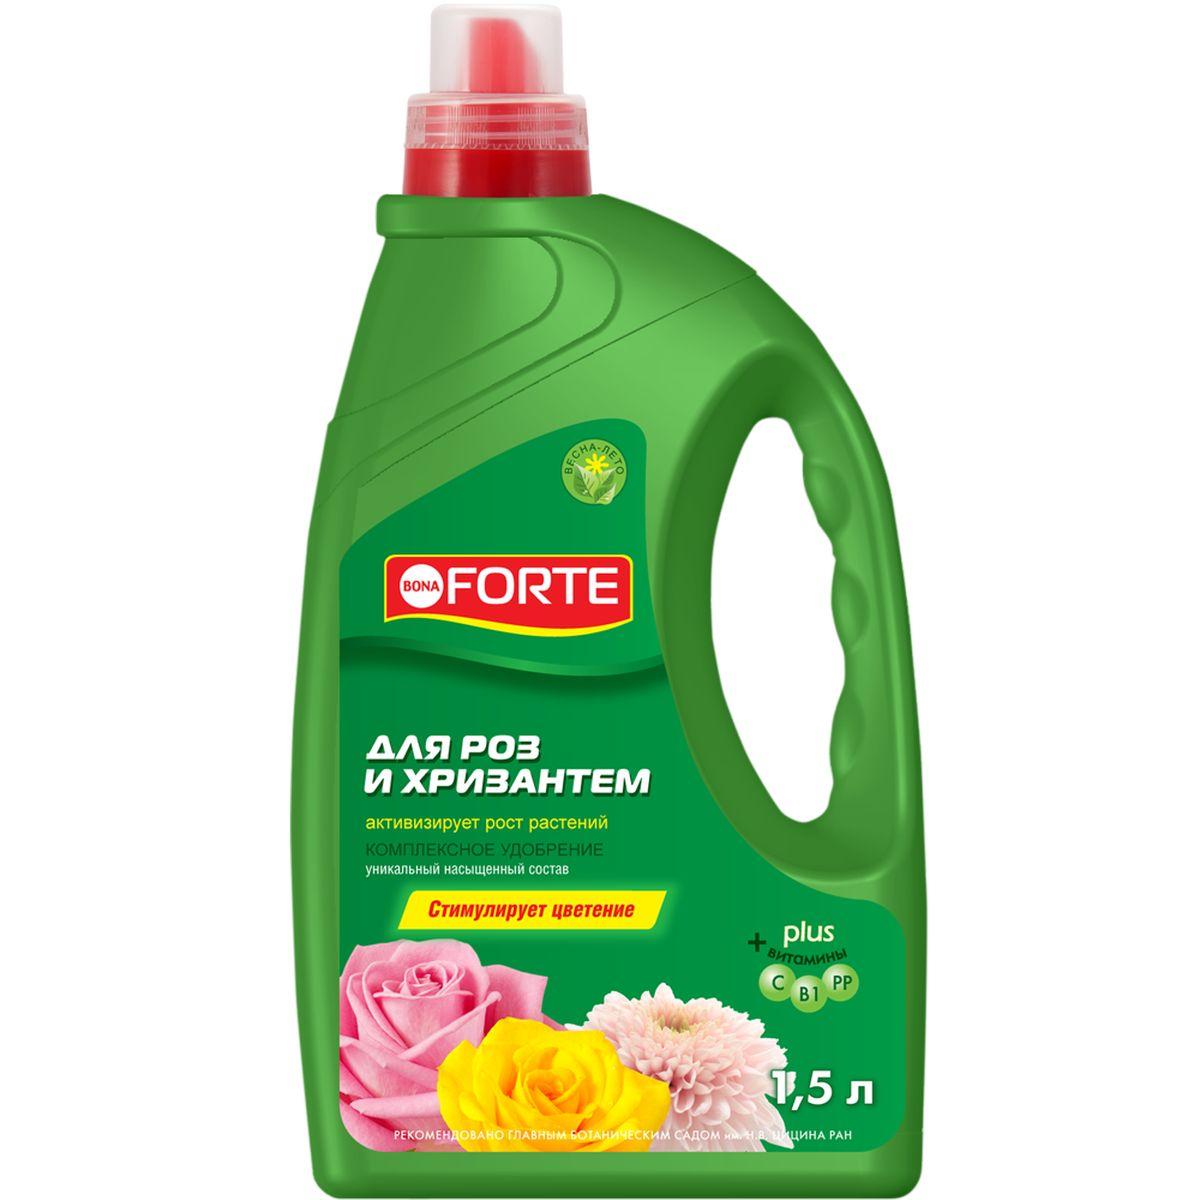 Жидкое комплексное удобрение Bona Forte, для роз и хризантем, 1,5 л